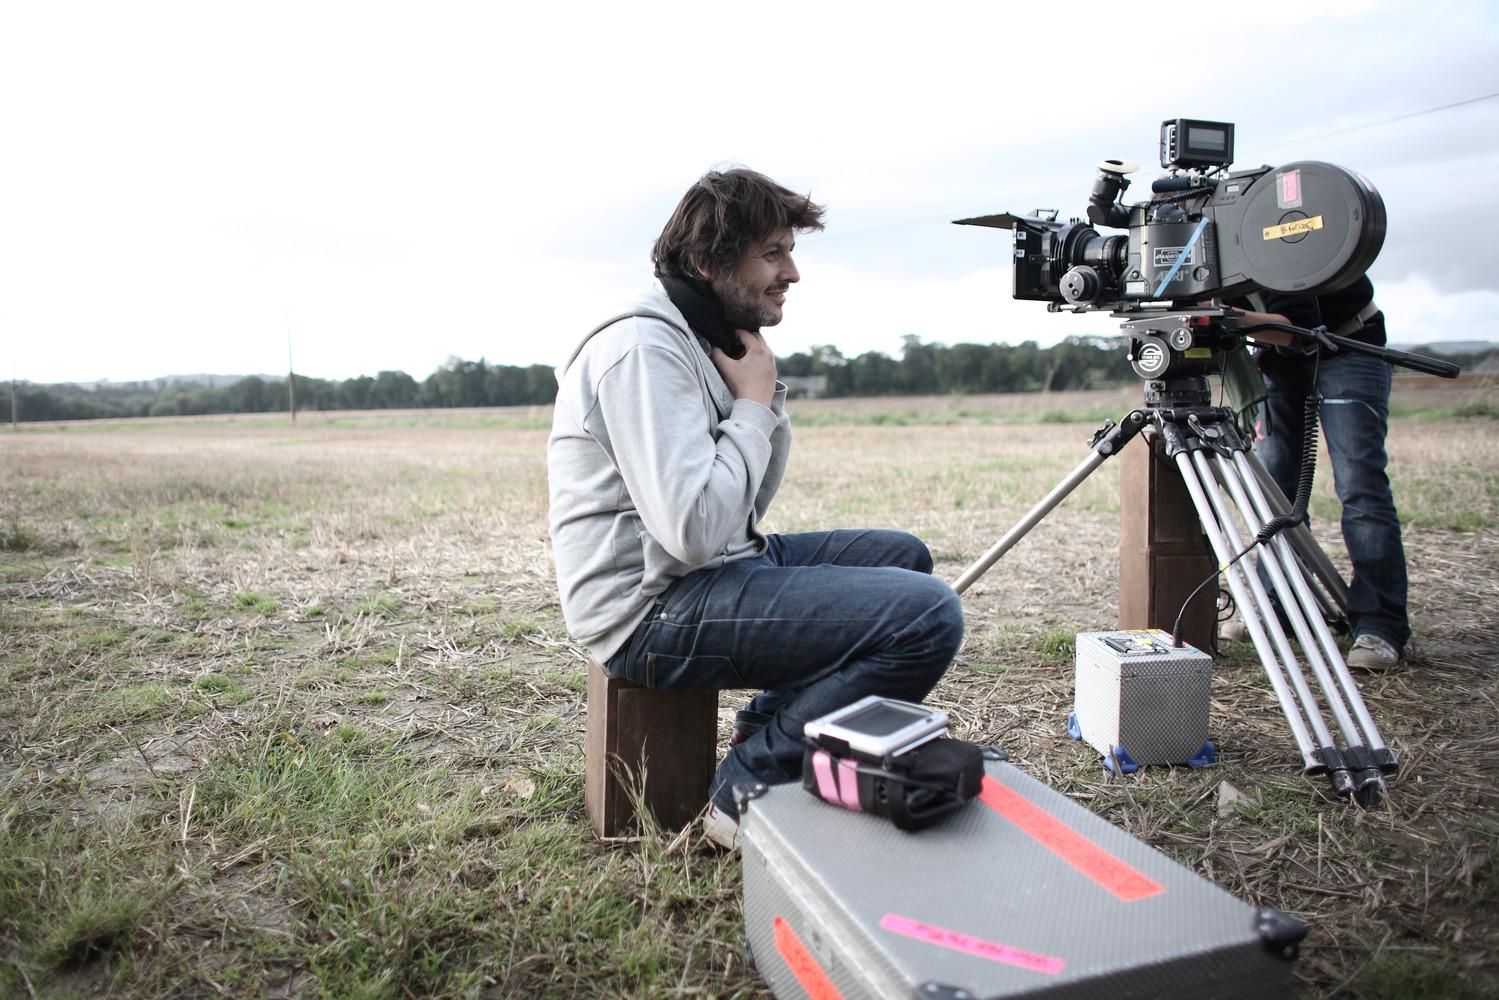 Du 15 au 20 octobre le Festival International du Film de La Roche-sur-Yon rend hommage à Christophe Honoré